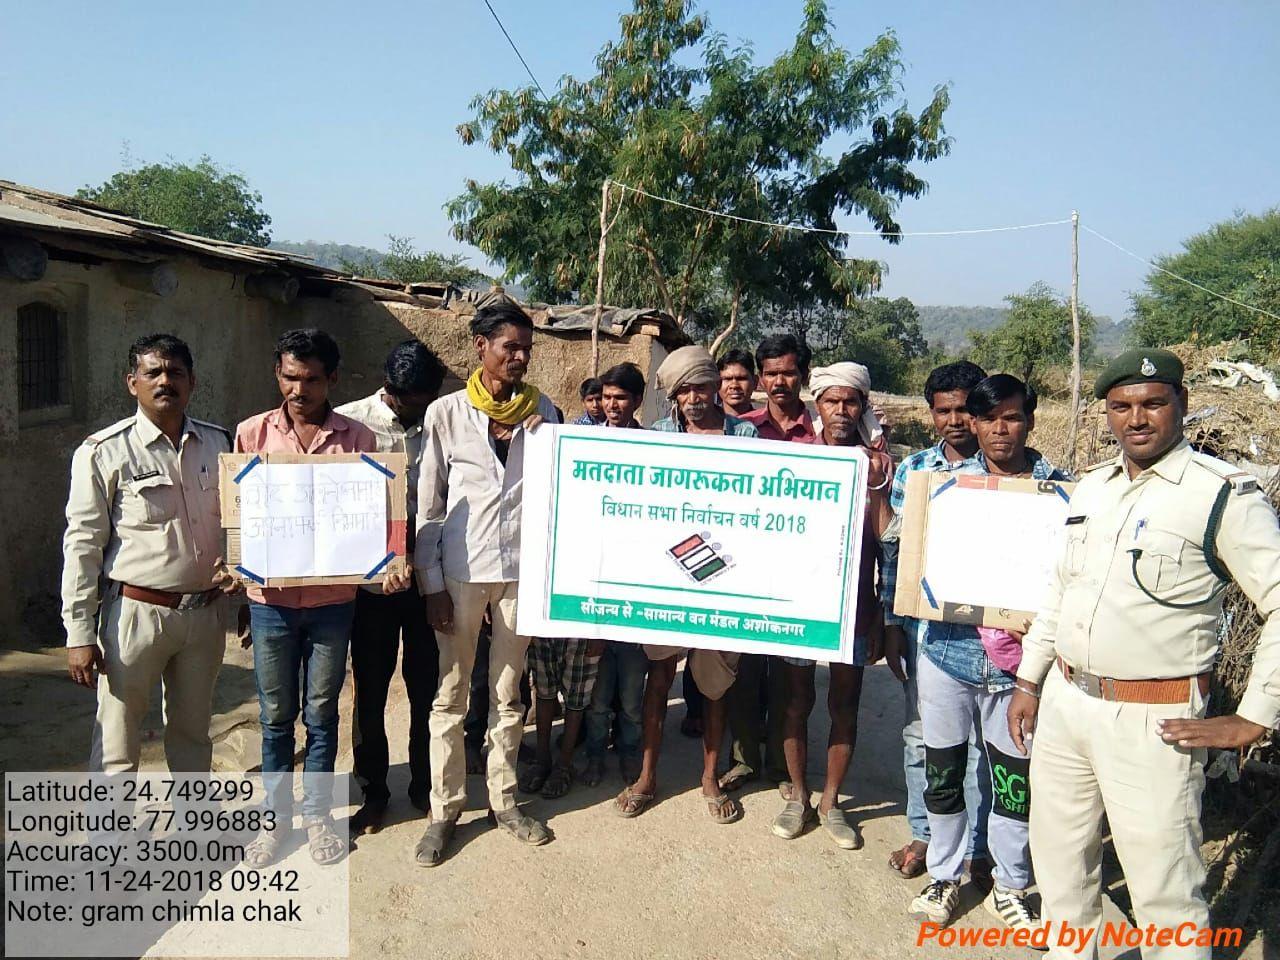 वन मंडल अधिकारी/कर्मचारियों द्वारा मतदाता जागरूकता अभियान  अन्तंर्गत मतदाता जागरूकता